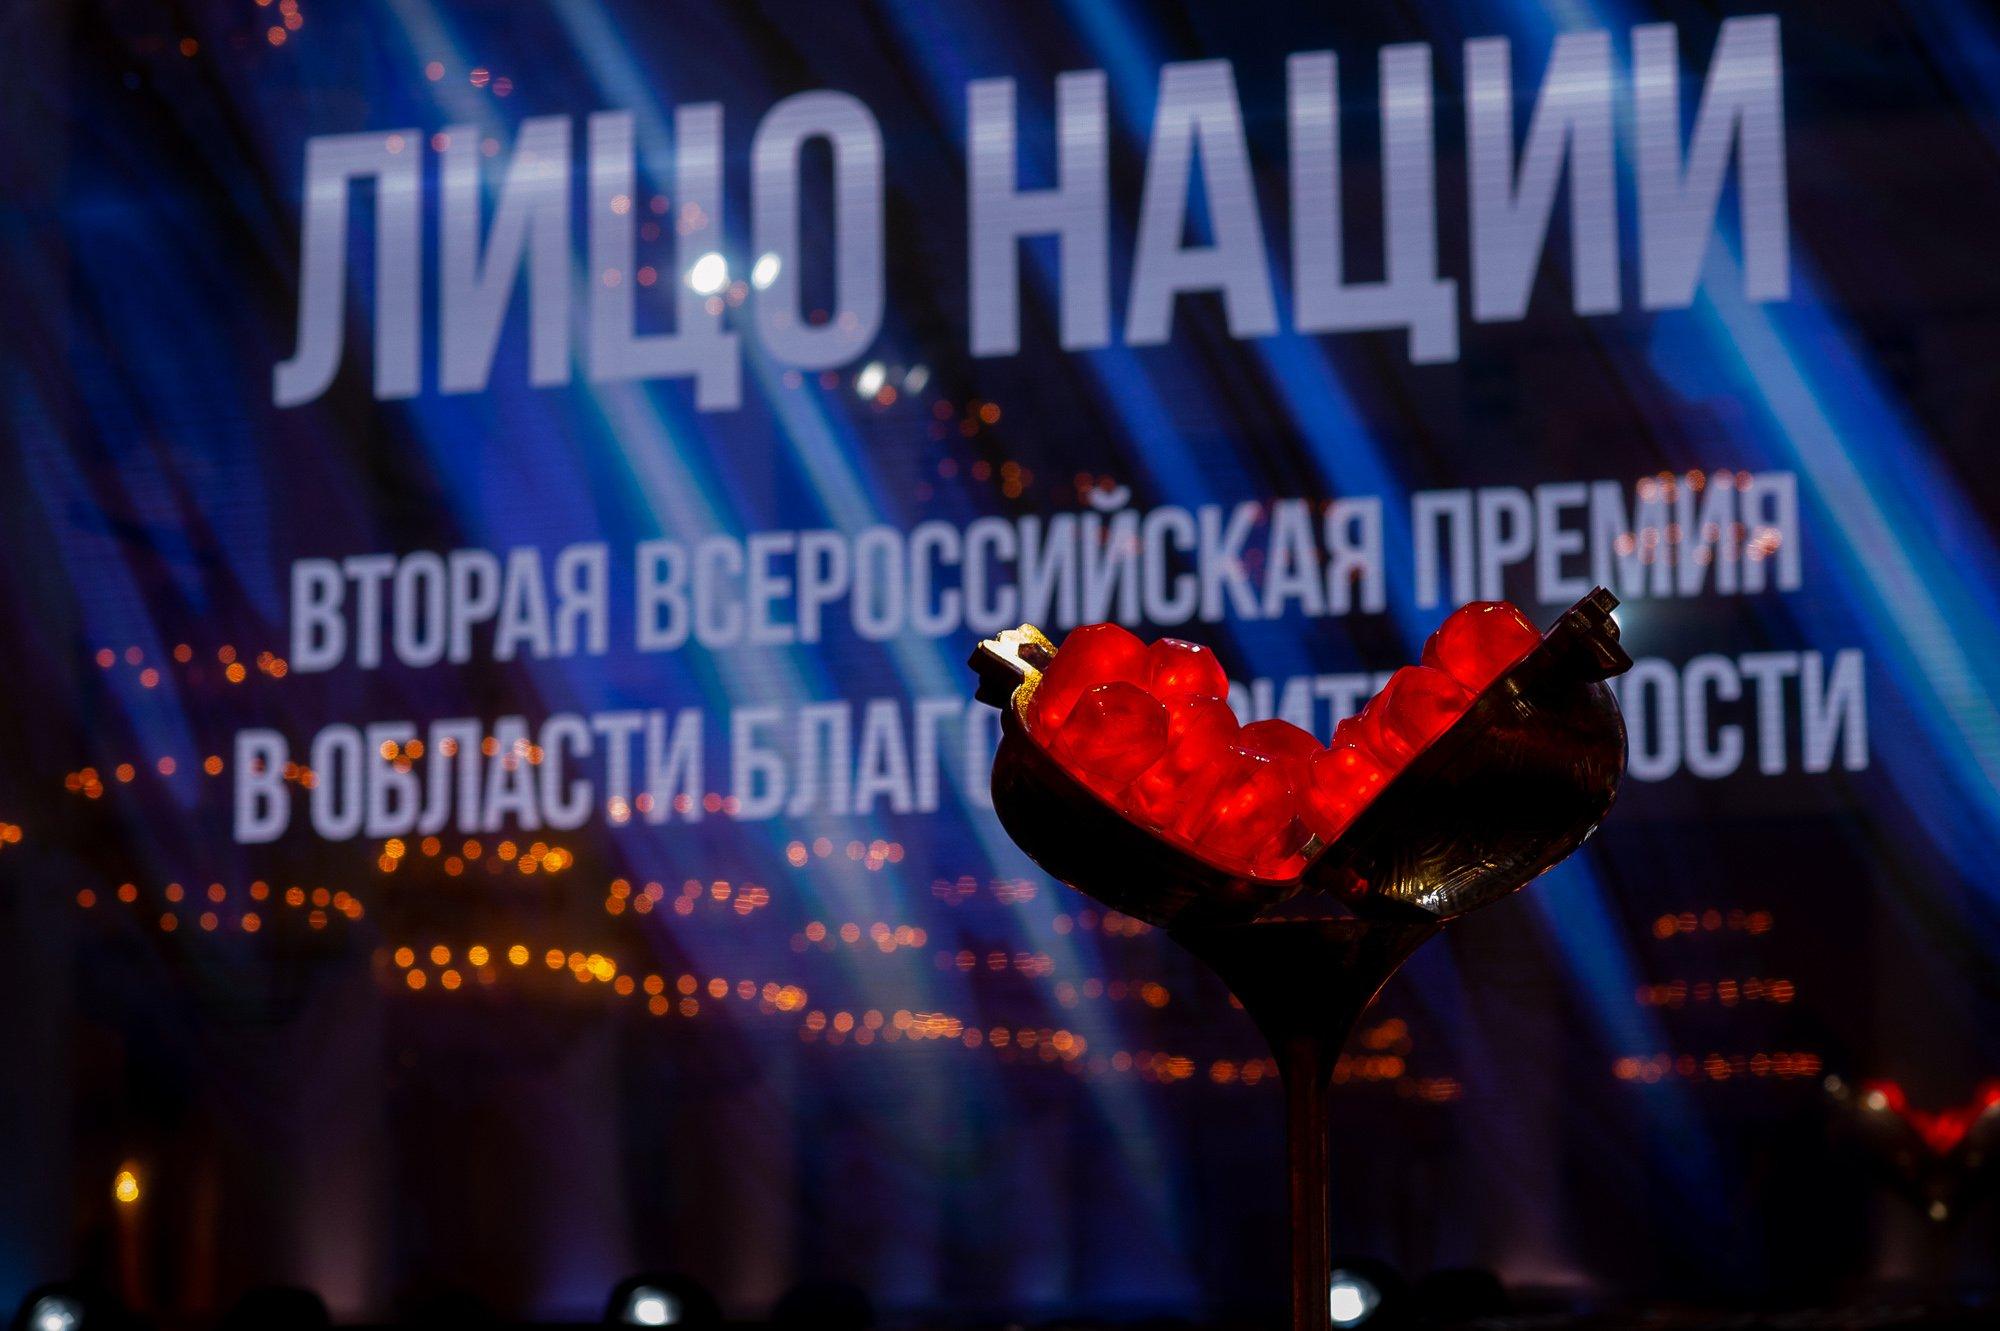 Вторая Всероссийская Премия «Лицо Нации» собрала свыше 90 благотворительных проектов